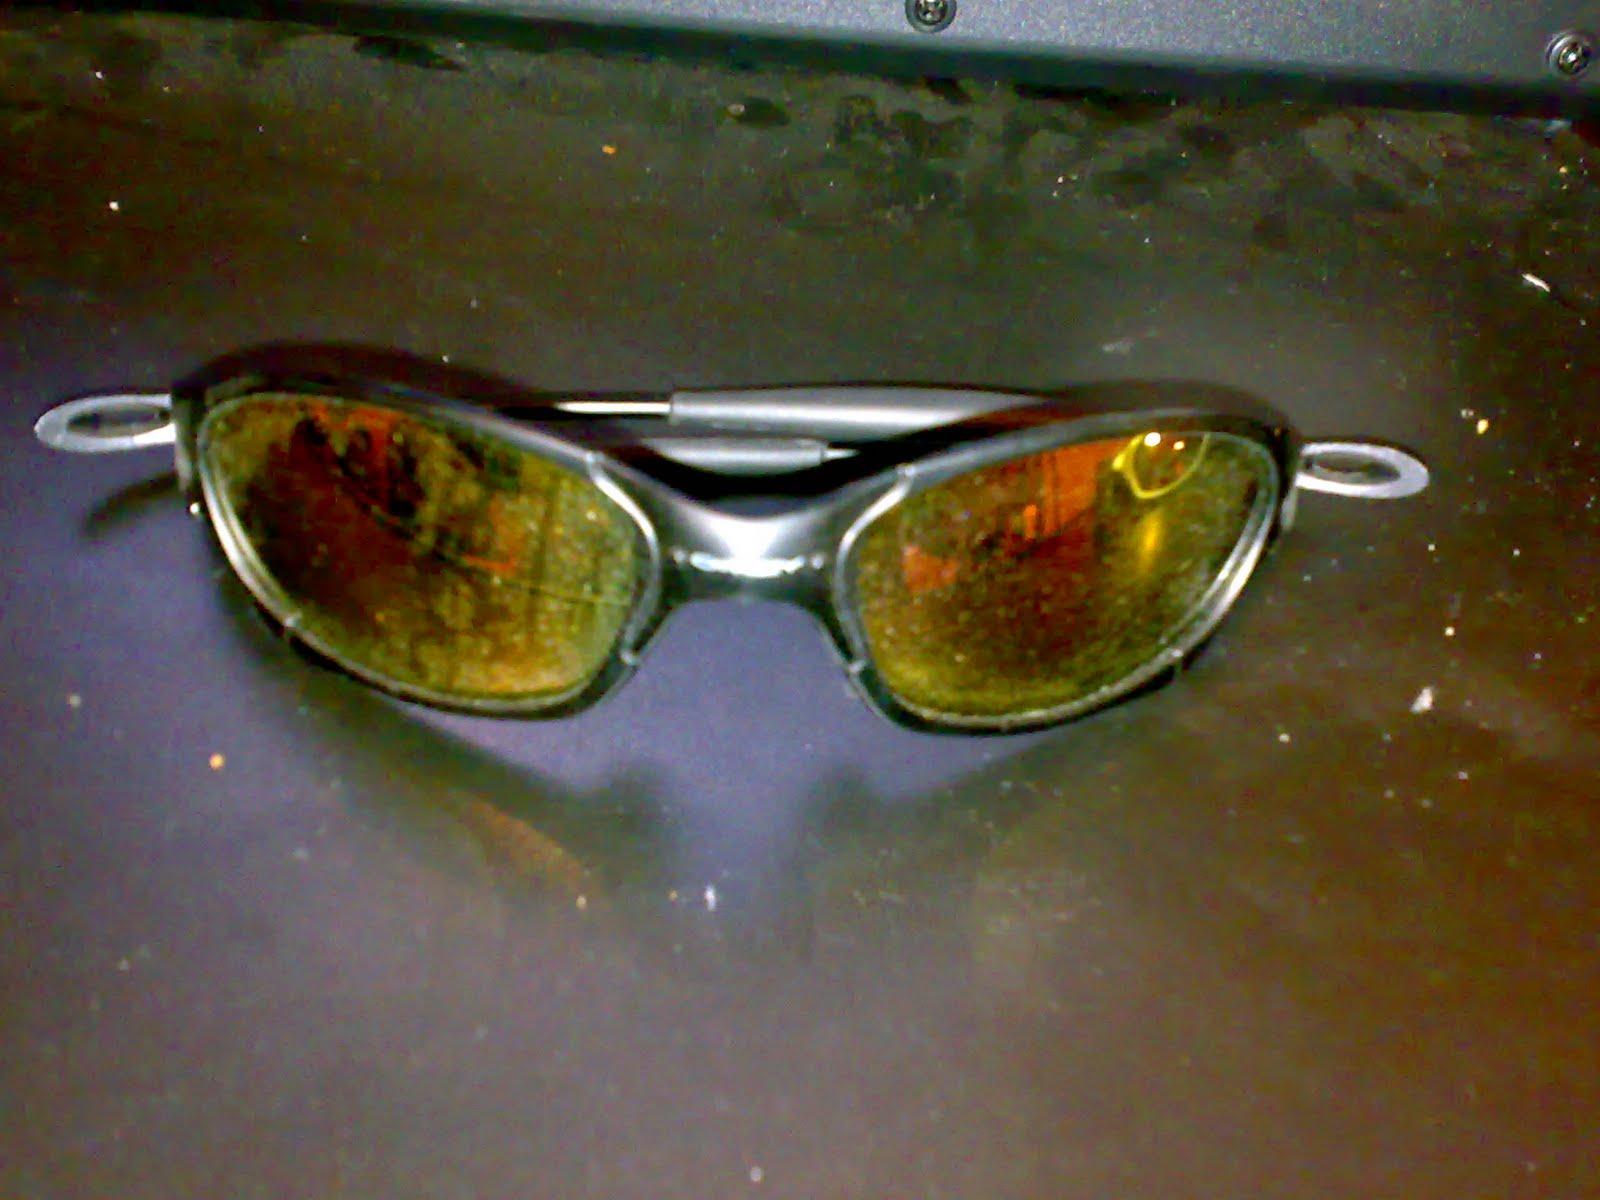 Arquivos de aço moveis para escritorio e utensilios pessoais: Oculos  #5F4624 1600x1200